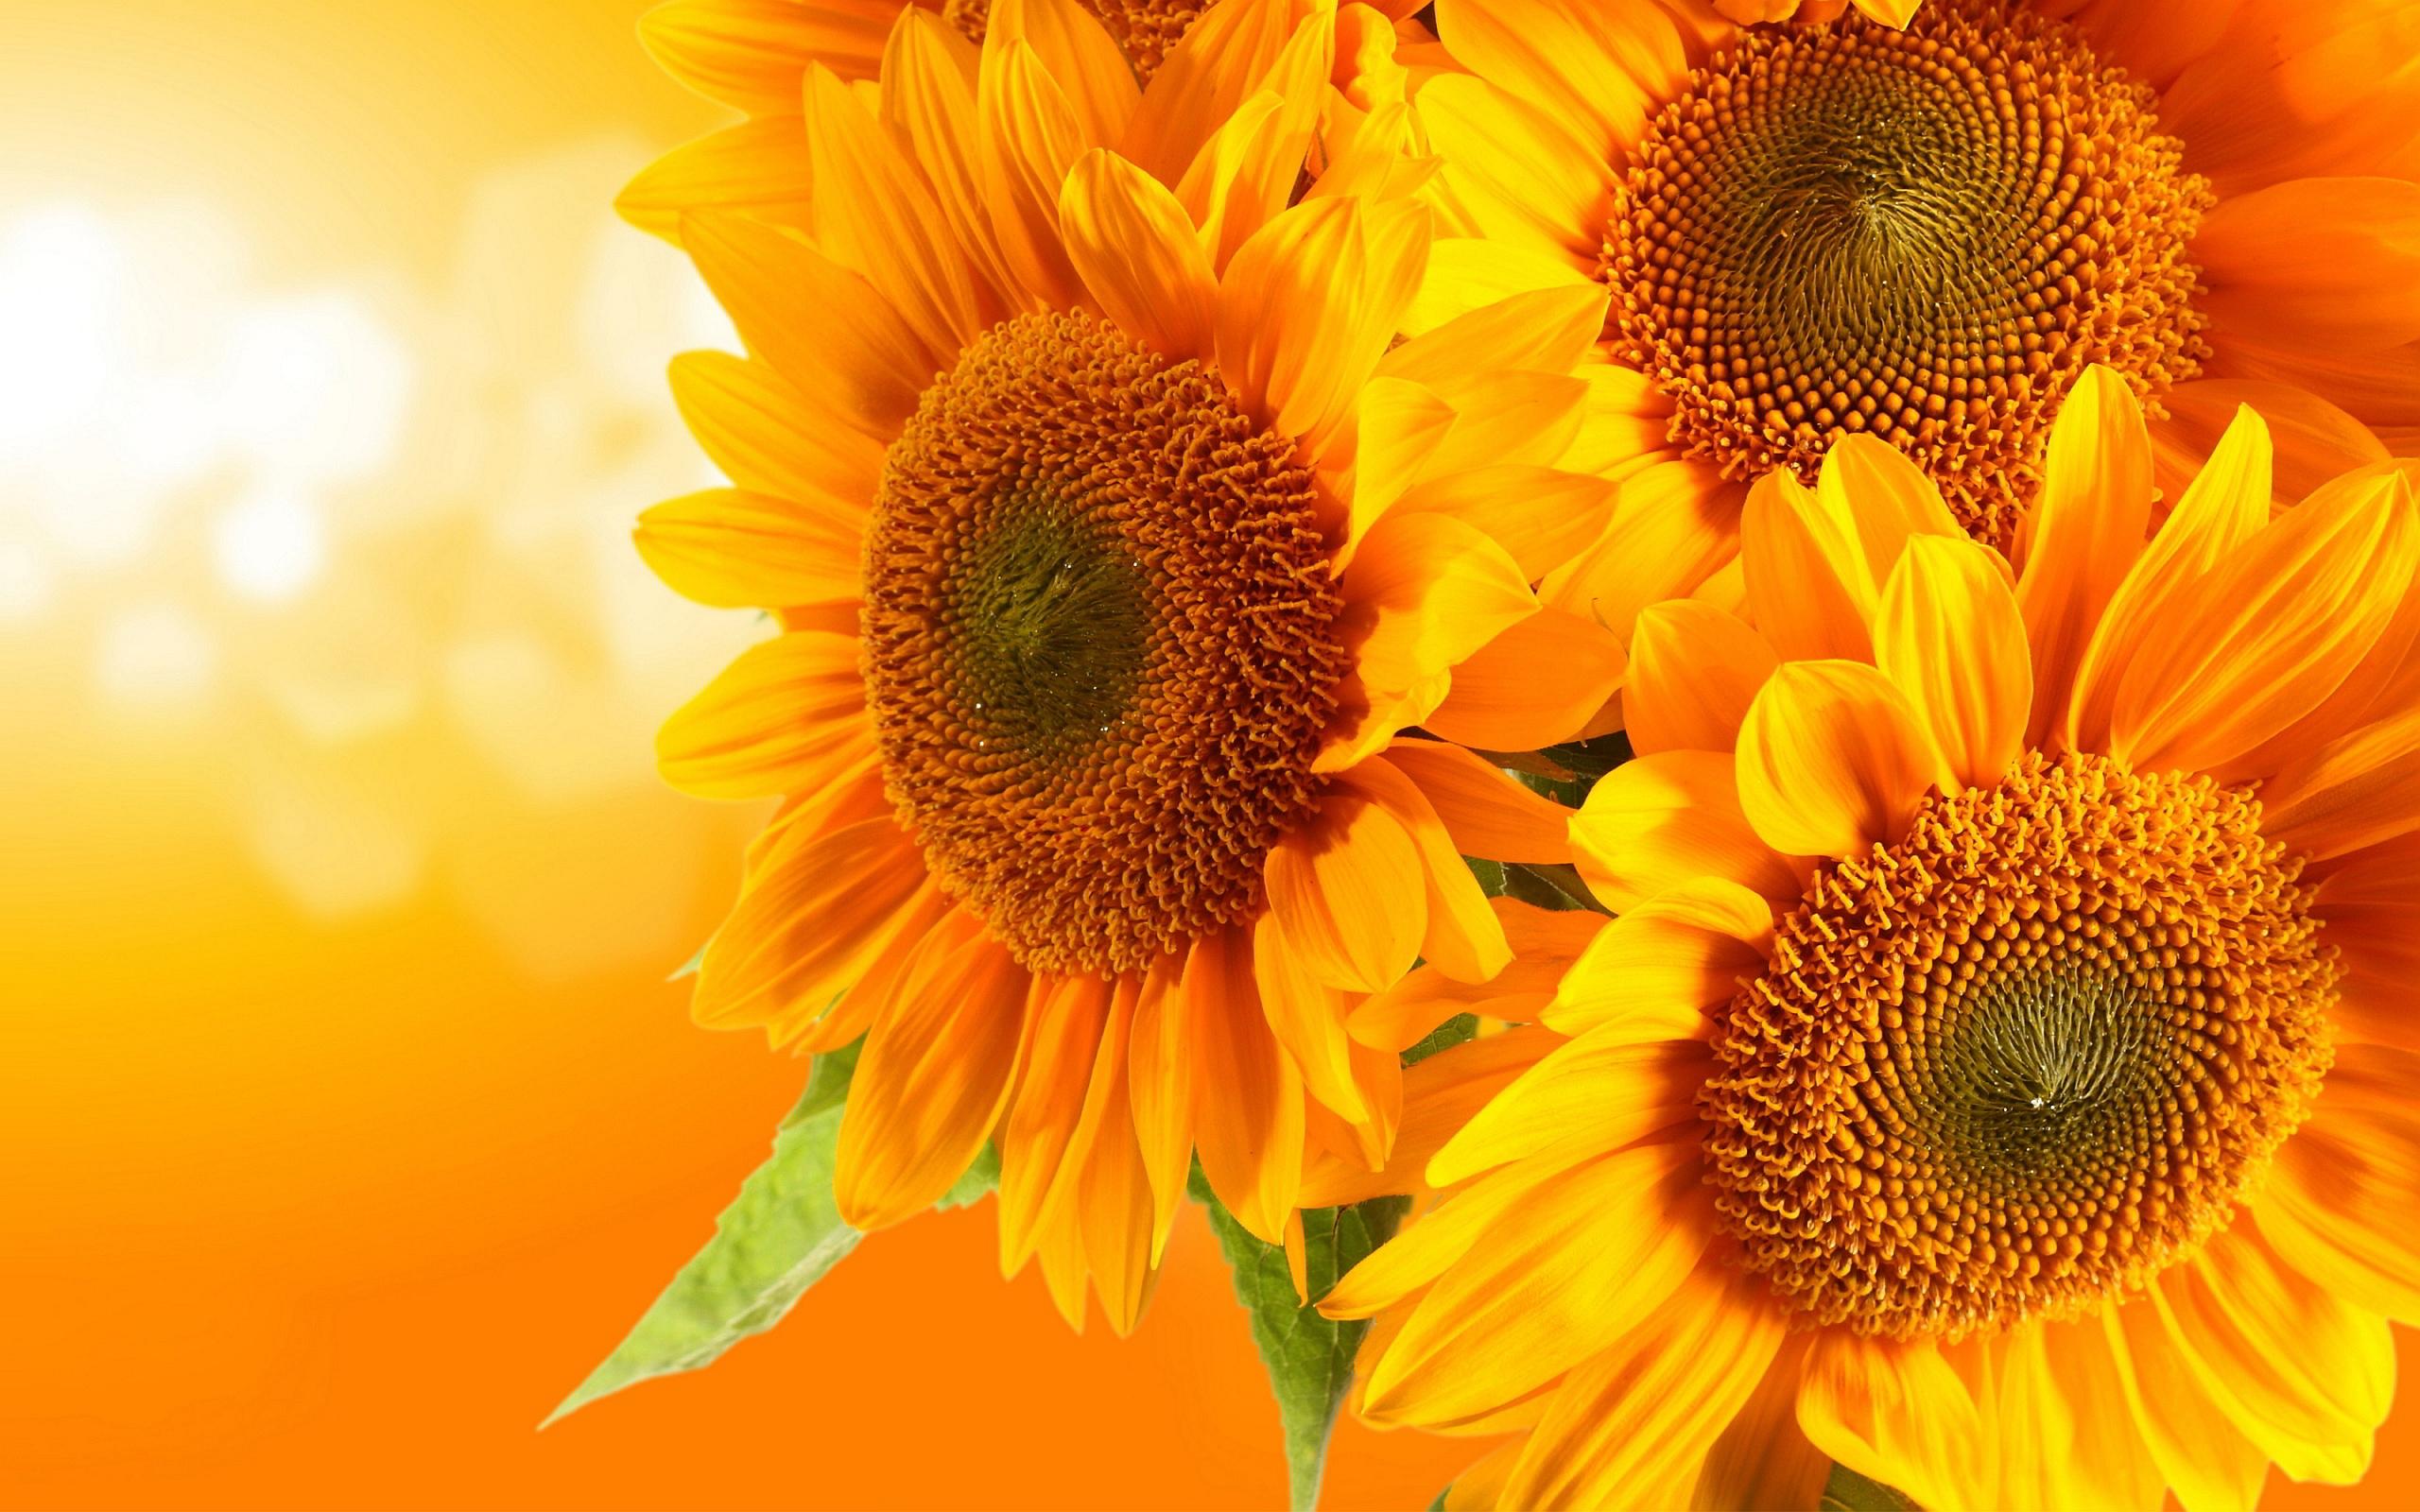 Full Hd Sunflower Wallpaper